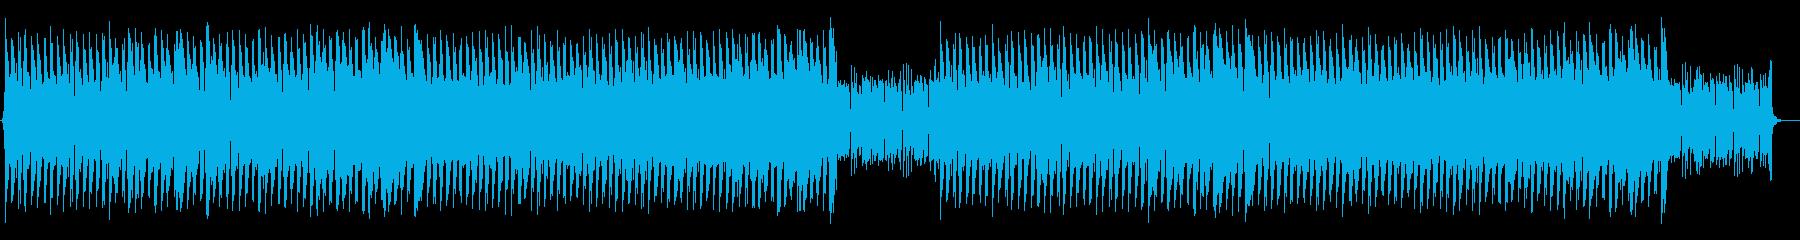 ゴリゴリしたベースのファンキーなハウスの再生済みの波形